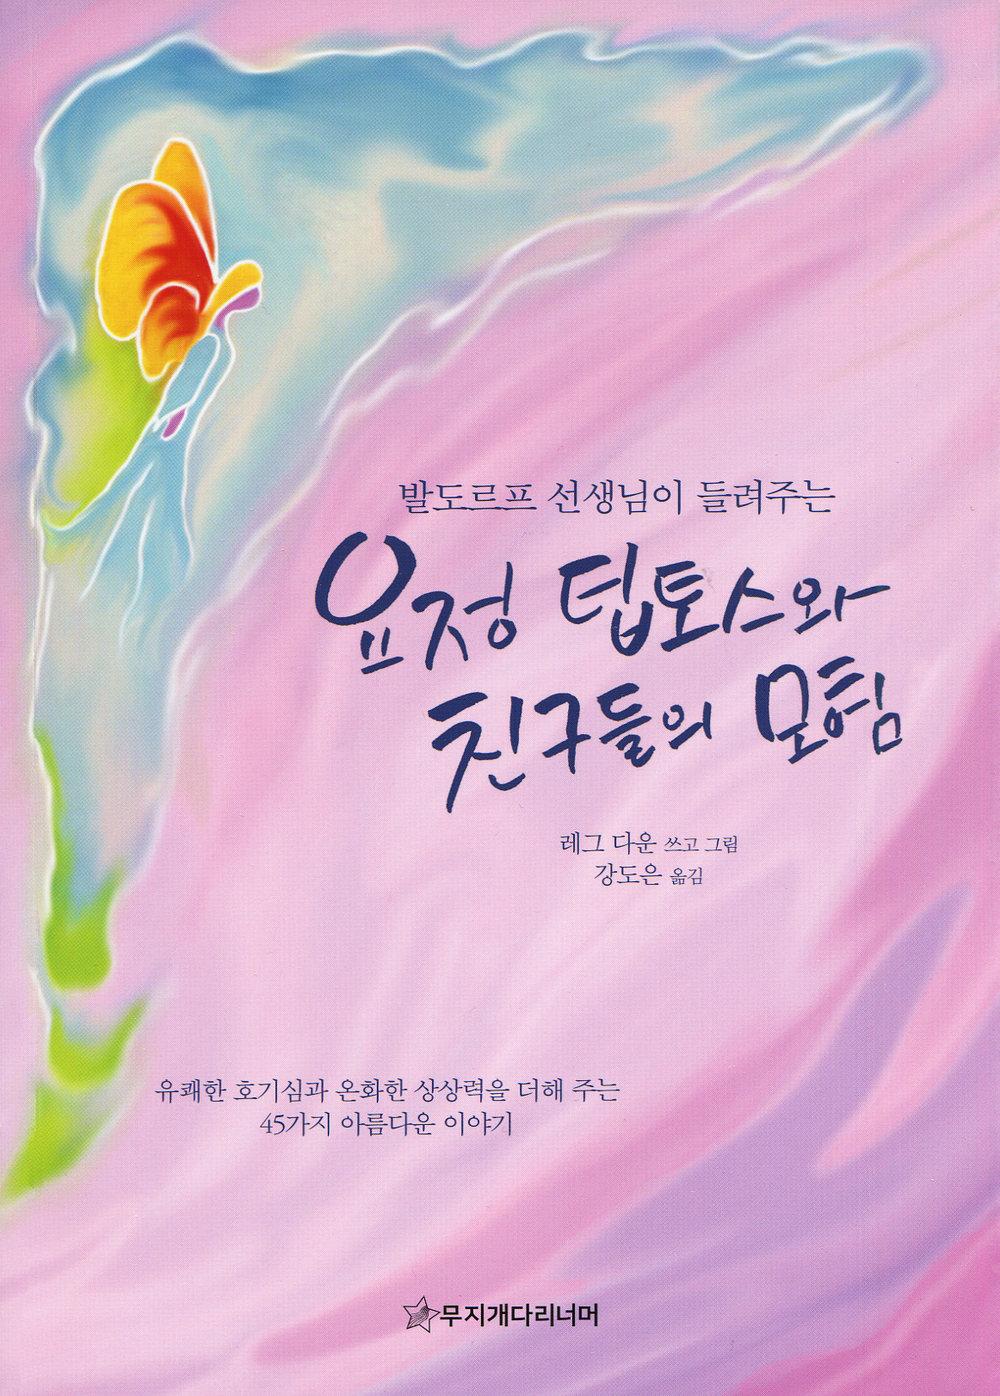 TT - Korean cover.jpg